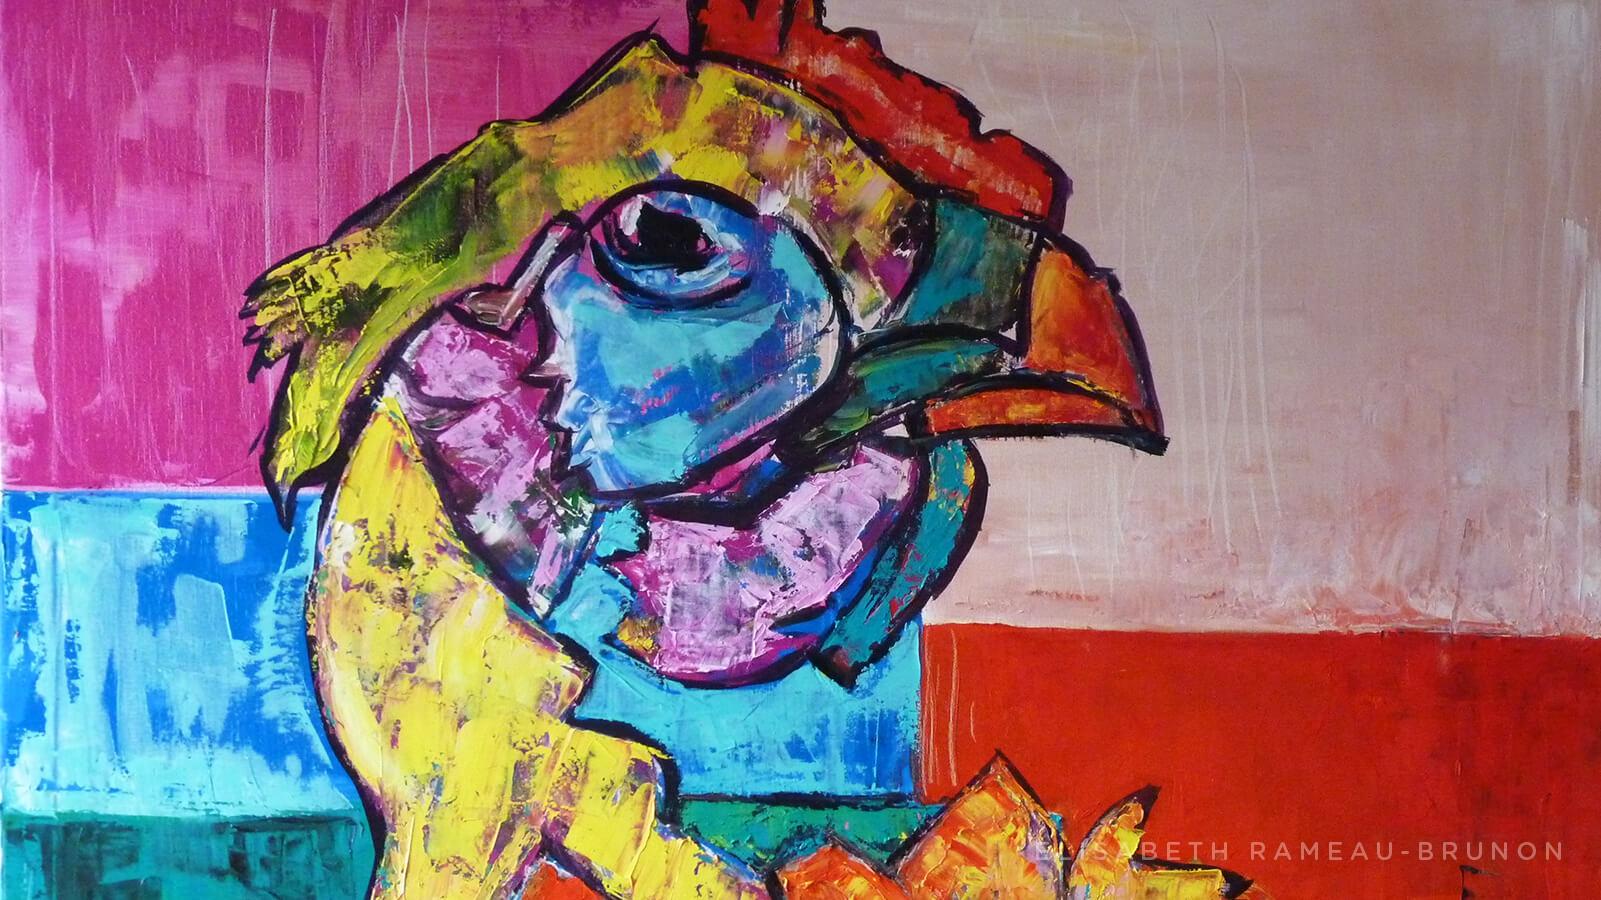 Œuvre représentant la tête d'une poule.